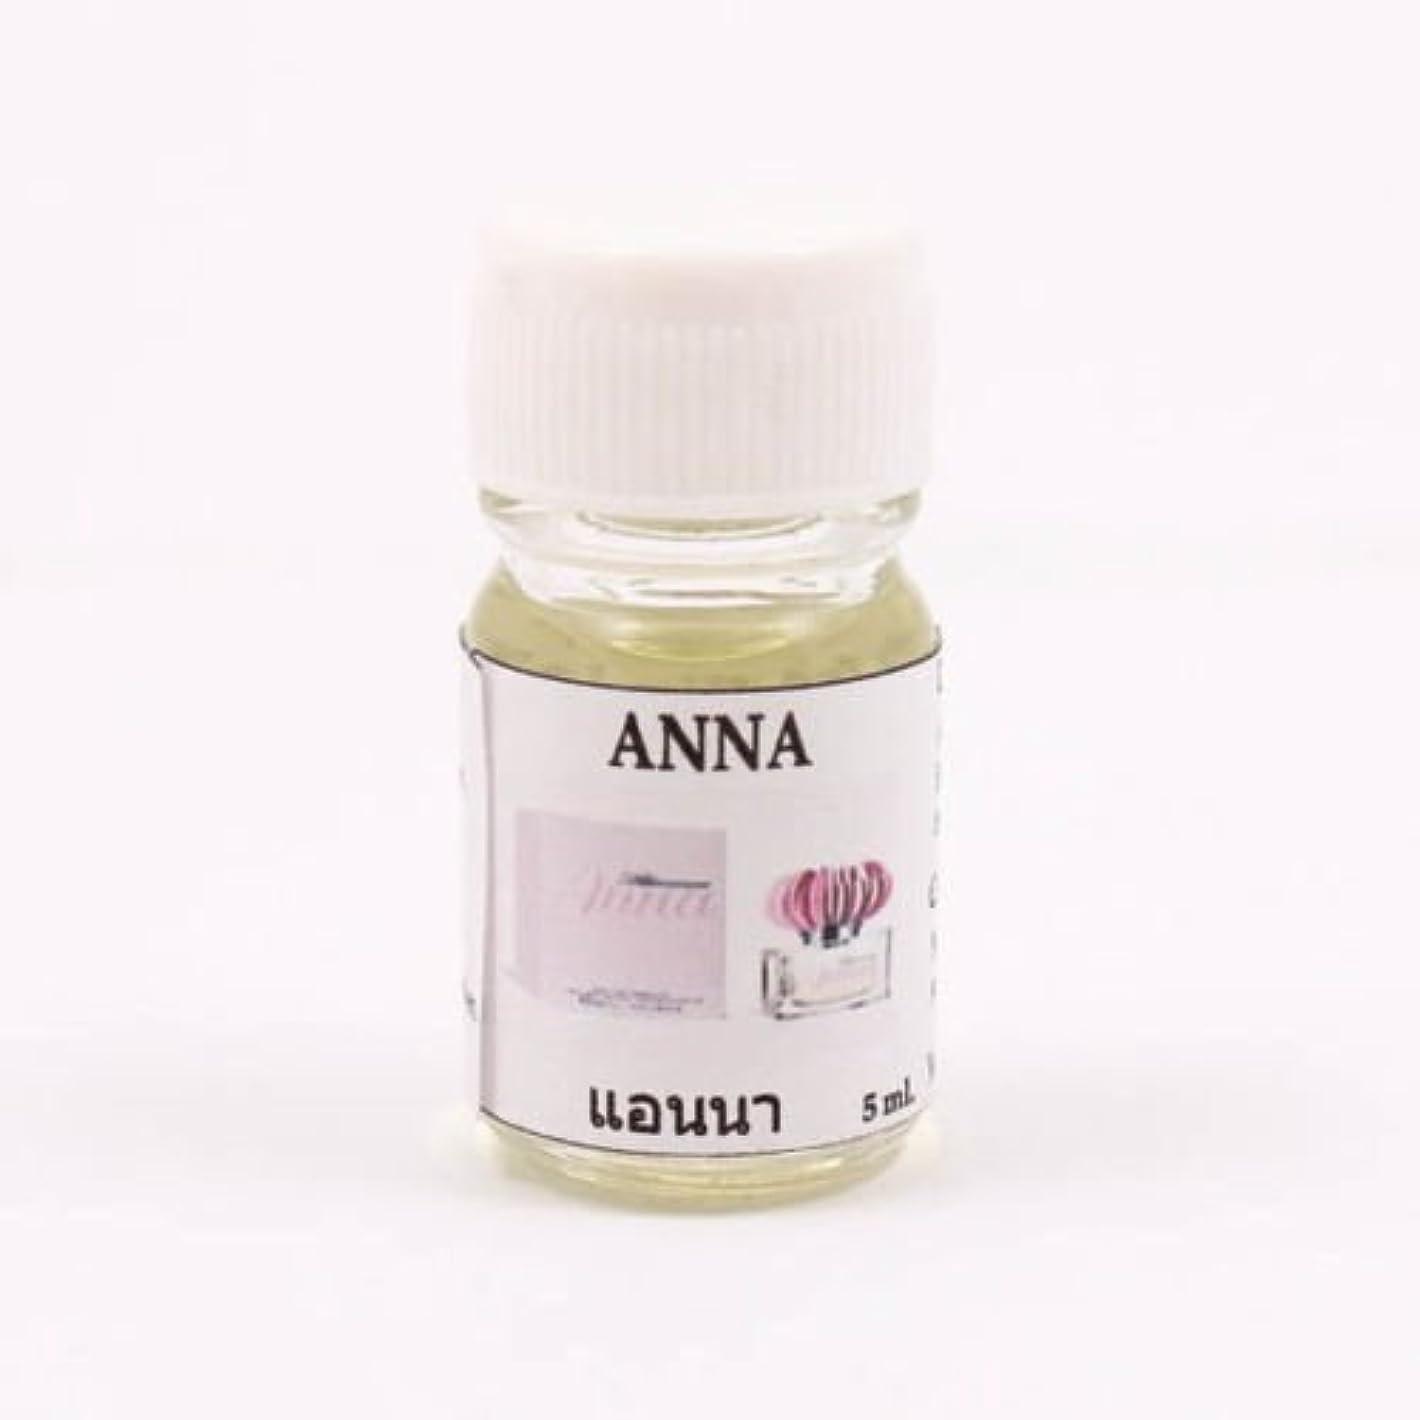 稼ぐ指導する反論6X Anna Aroma Fragrance Essential Oil 5ML. (cc) Diffuser Burner Therapy